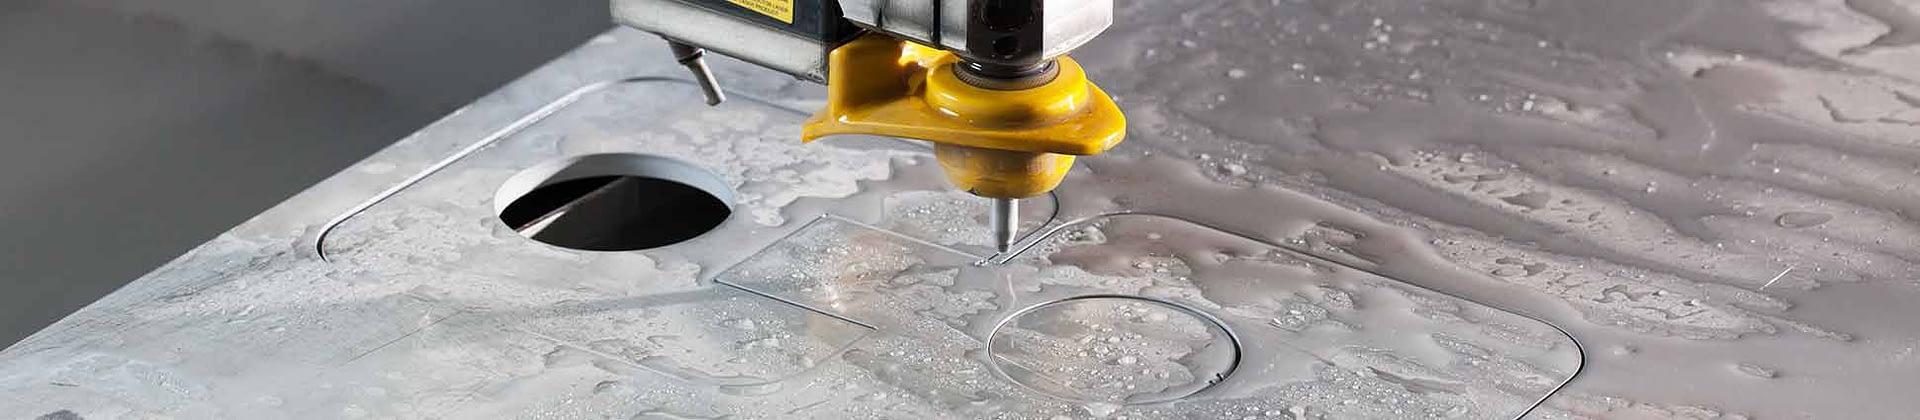 Water jet cutting of metal